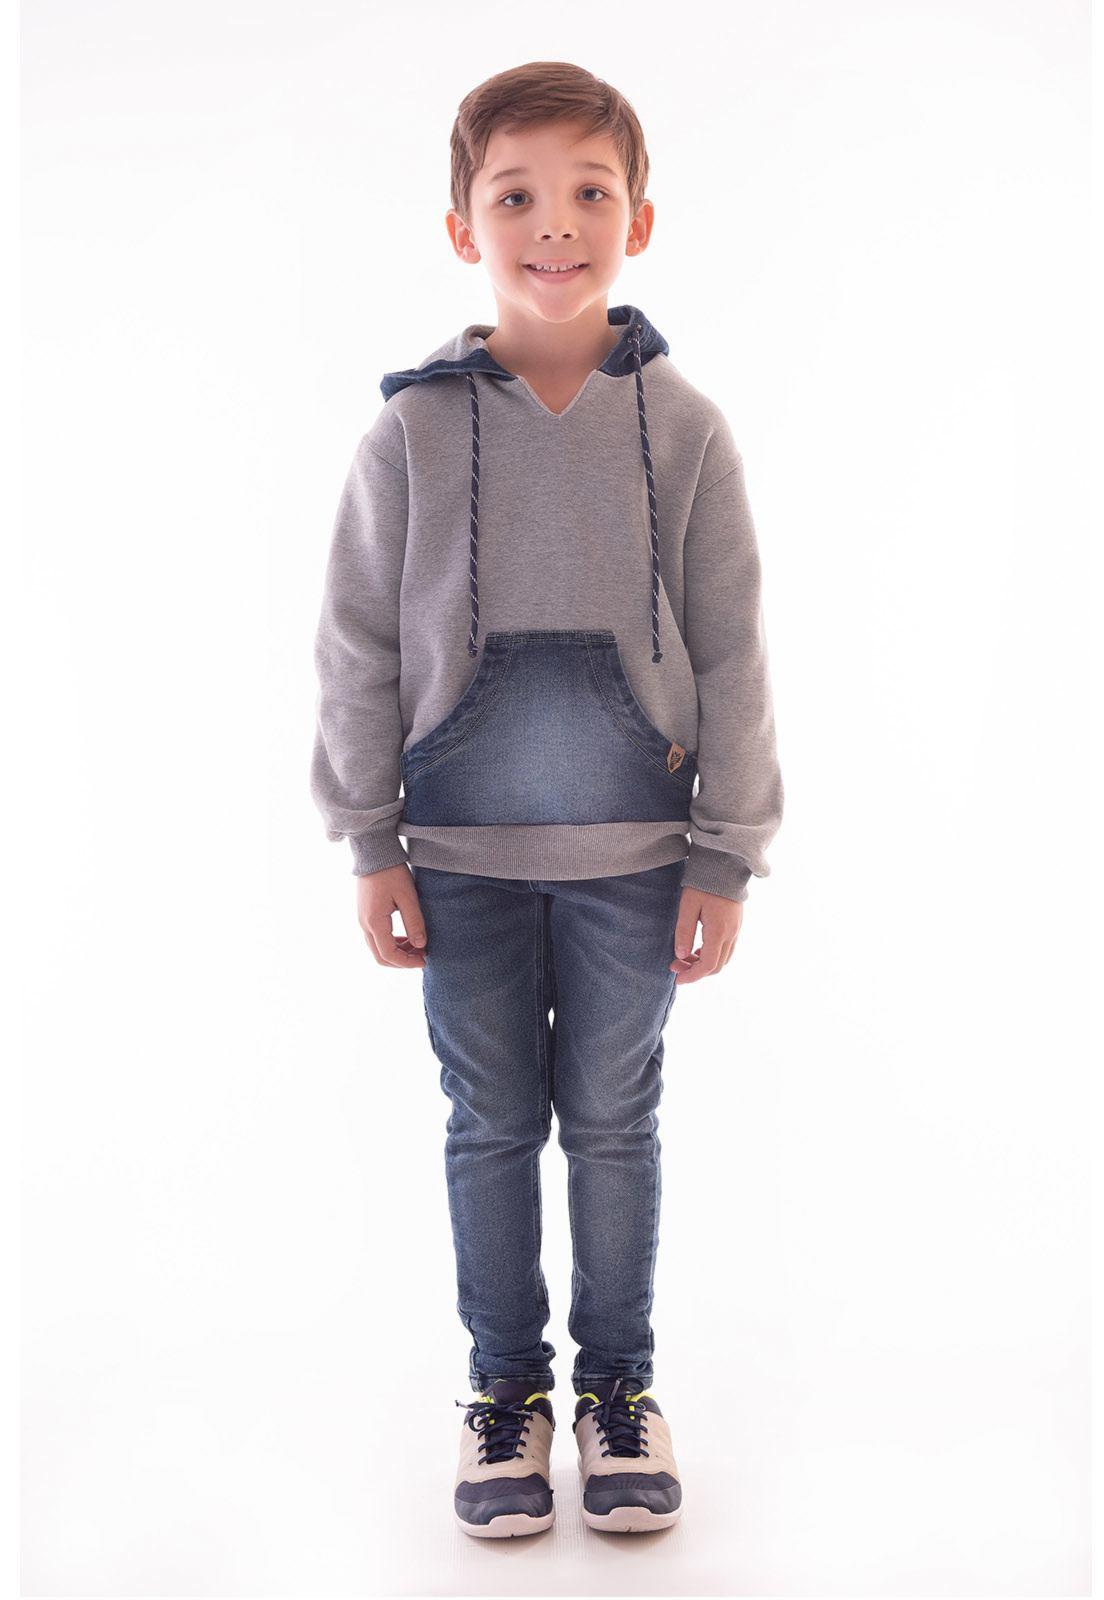 Conjunto Blusa Moletom Detalhes em Jeans, Calça Jeans Moletom com Elastano